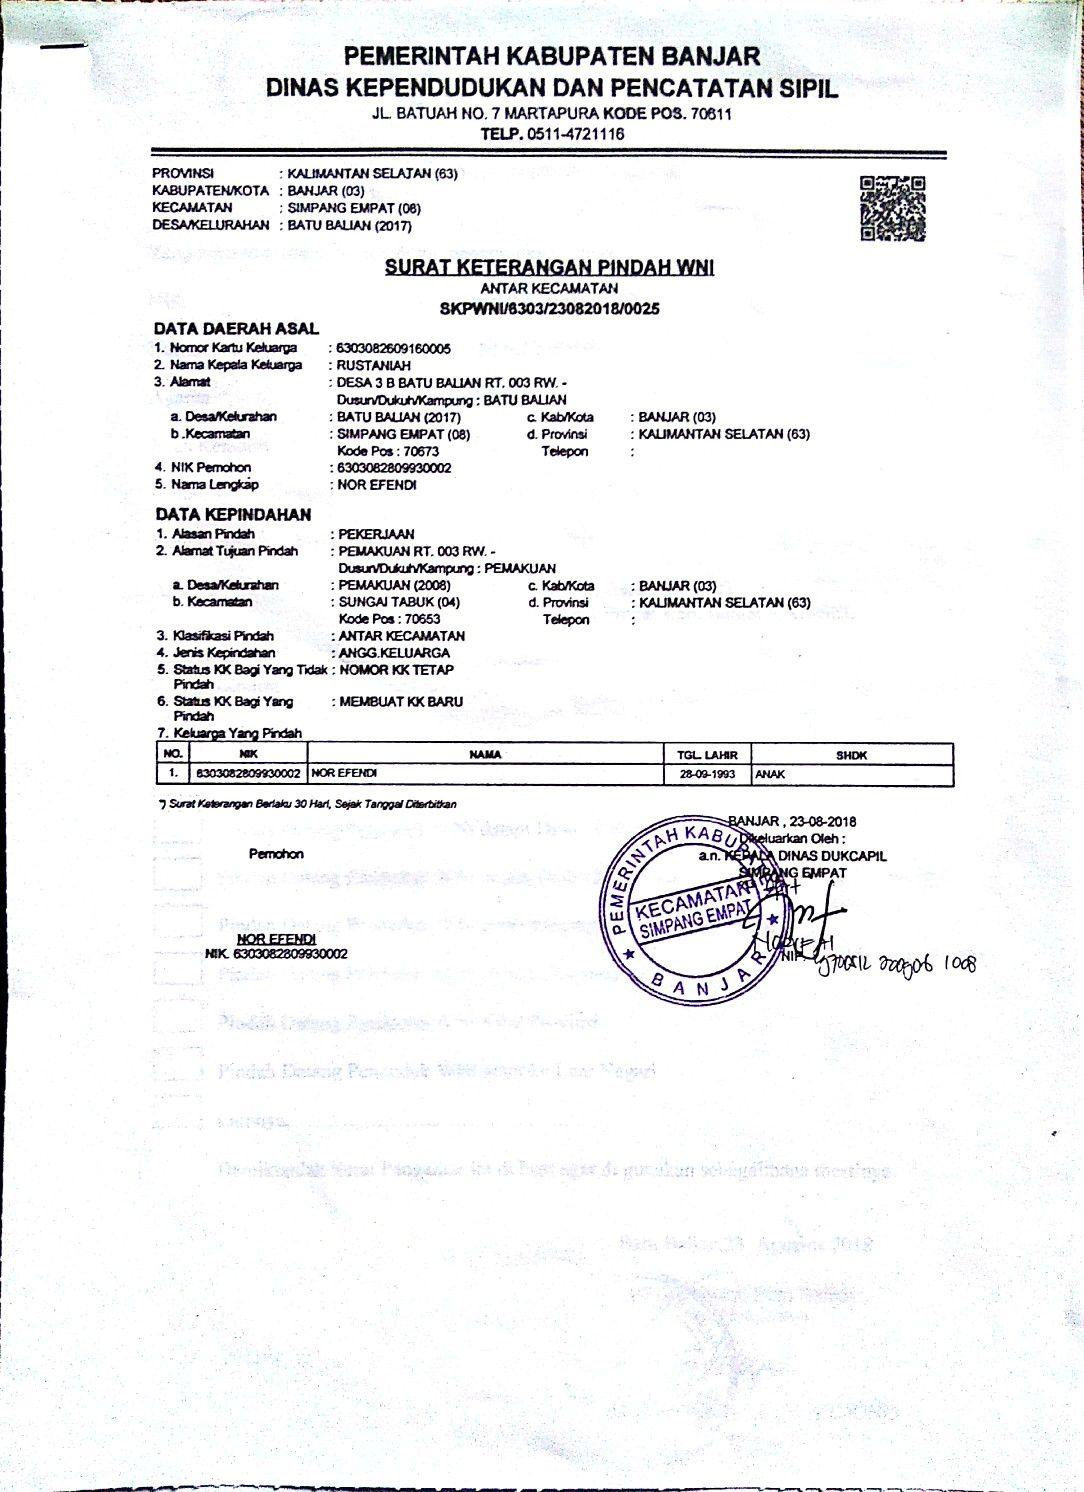 Surat Keterangan Pindah Wni Antar Kecamatan Skpwni 6303 23082018 0025 Pemerintah Peta Surat